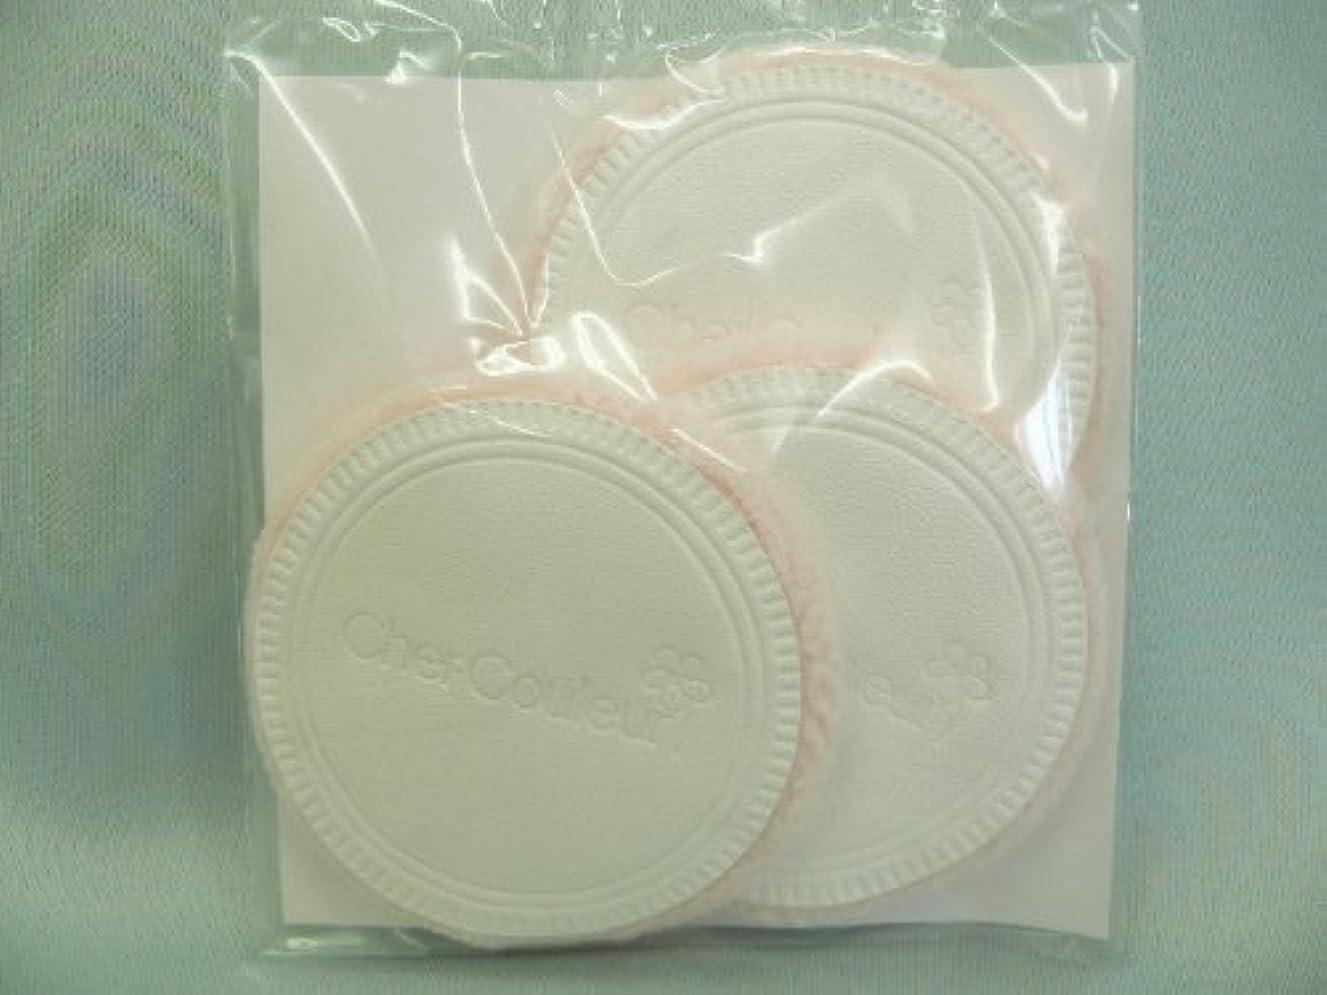 アレキサンダーグラハムベルアグネスグレイ受動的シェルクルール化粧品プロテクトパウダー専用ケース(パフ付き)